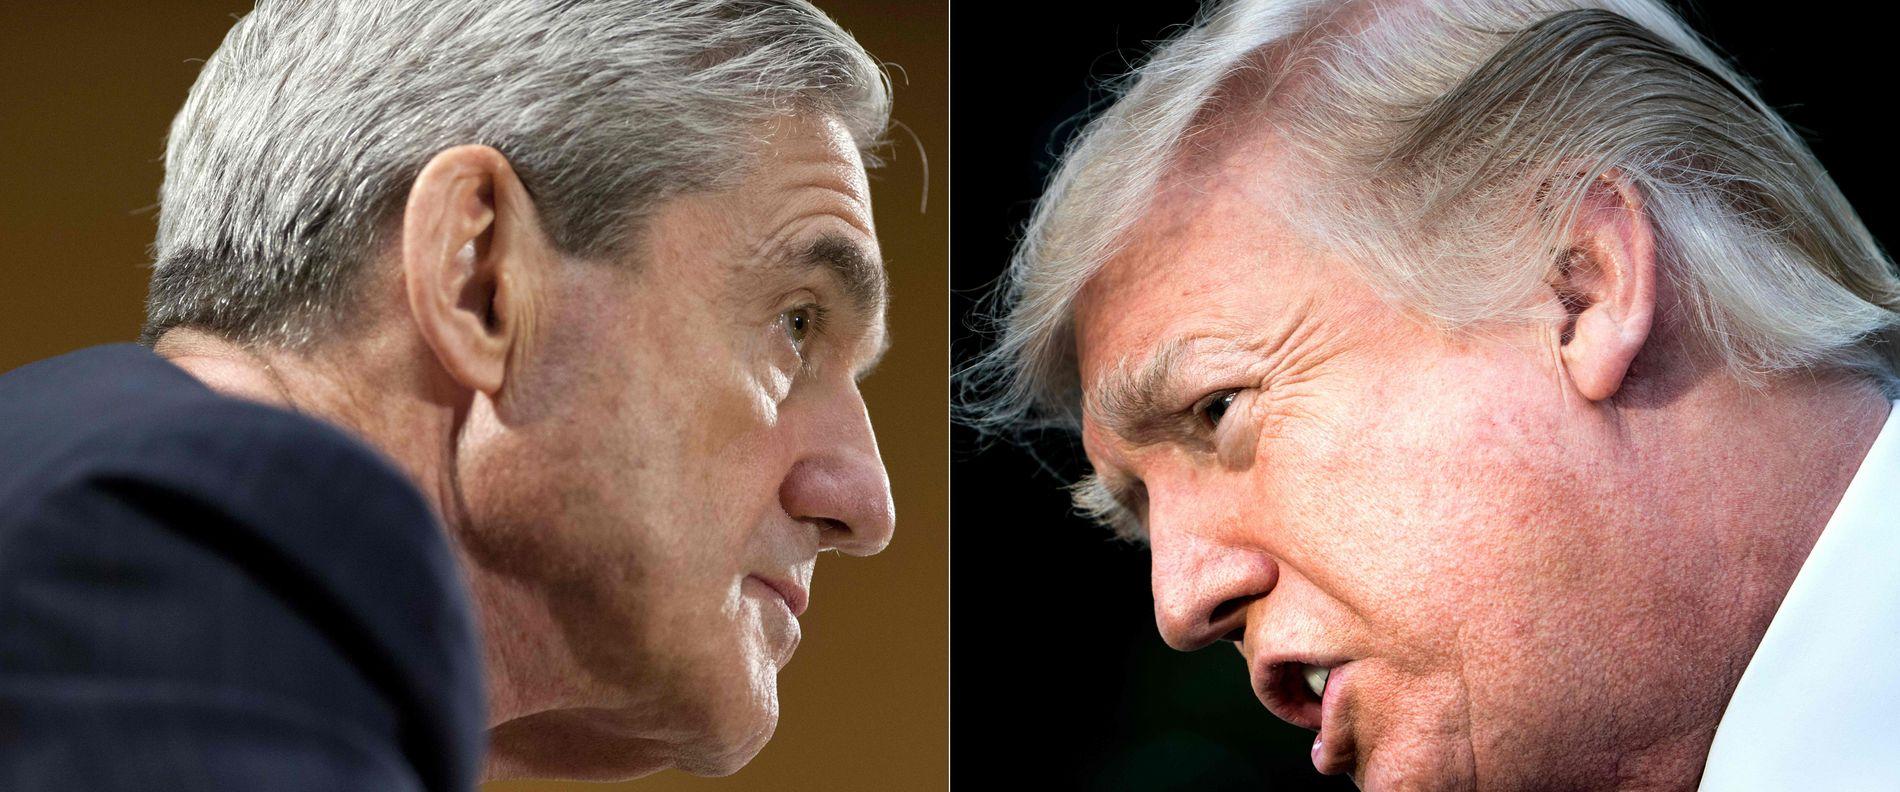 SLITER MED SAMARBEID: Spesialetterforsker Robert Mueller (t.v) har slitt med å få fullstendige svar av USAs president Donald Trump under etterforskningen.